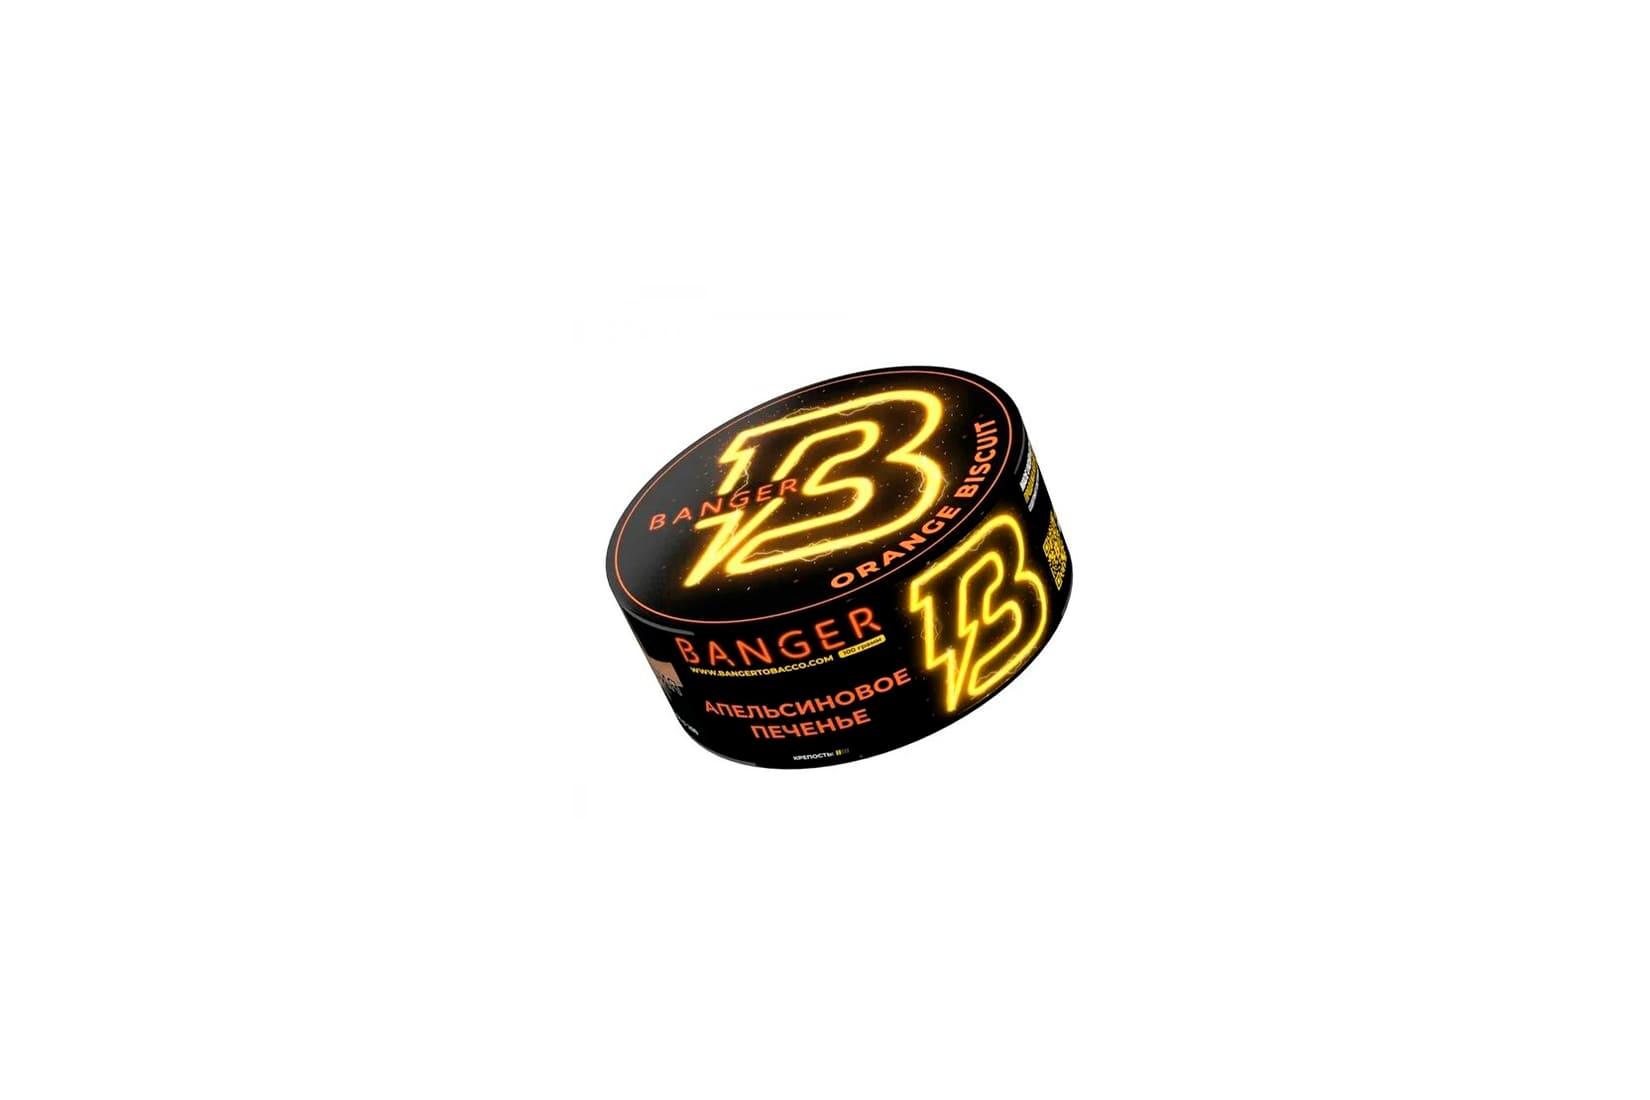 Табак для кальяна Banger Orange Buisquit – описание, отзывы